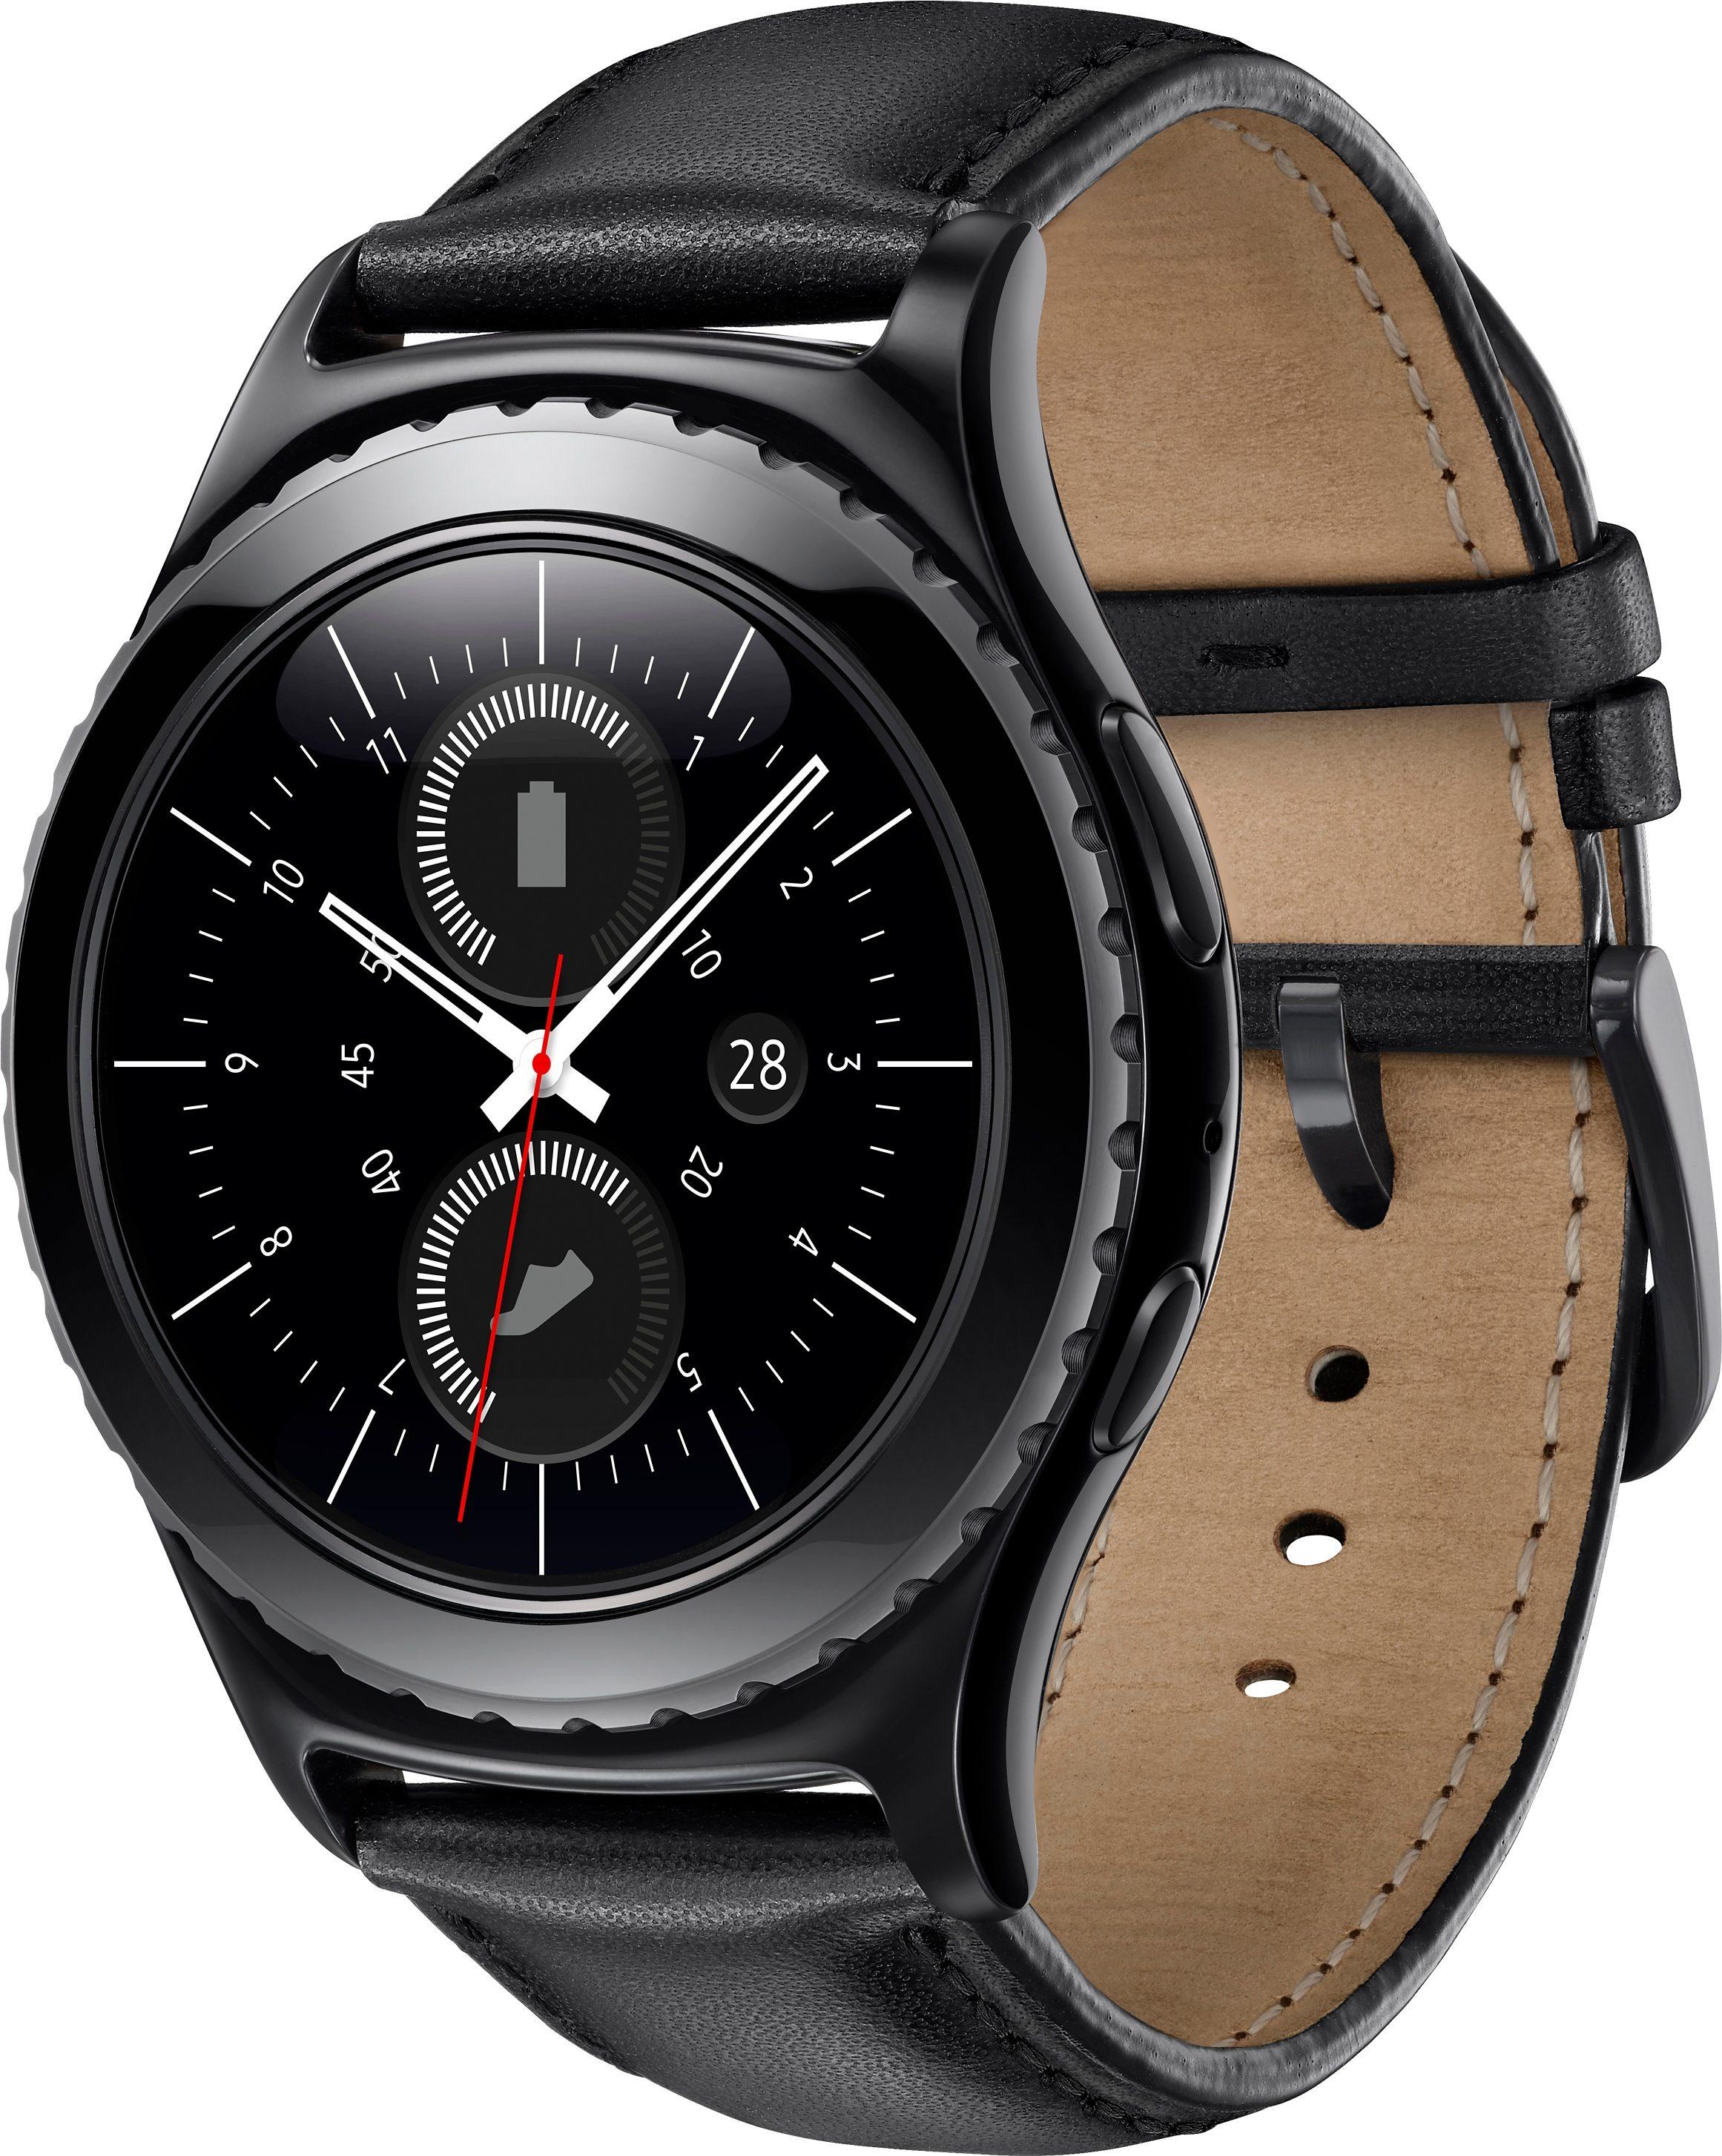 Samsung Gear S2 classic Smartwatch (1,2 Zoll, Tizen OS)